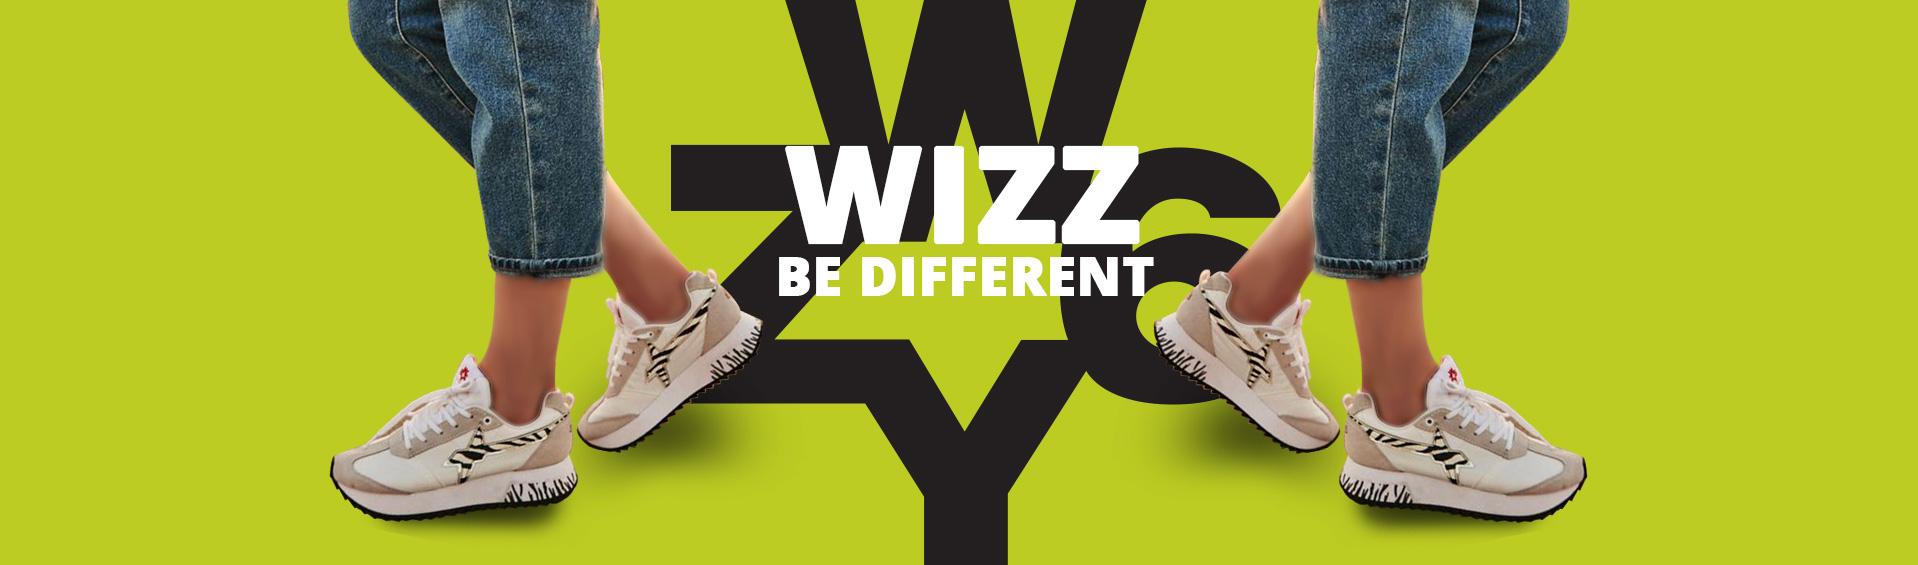 WIzz-Scarpelli-calzature1